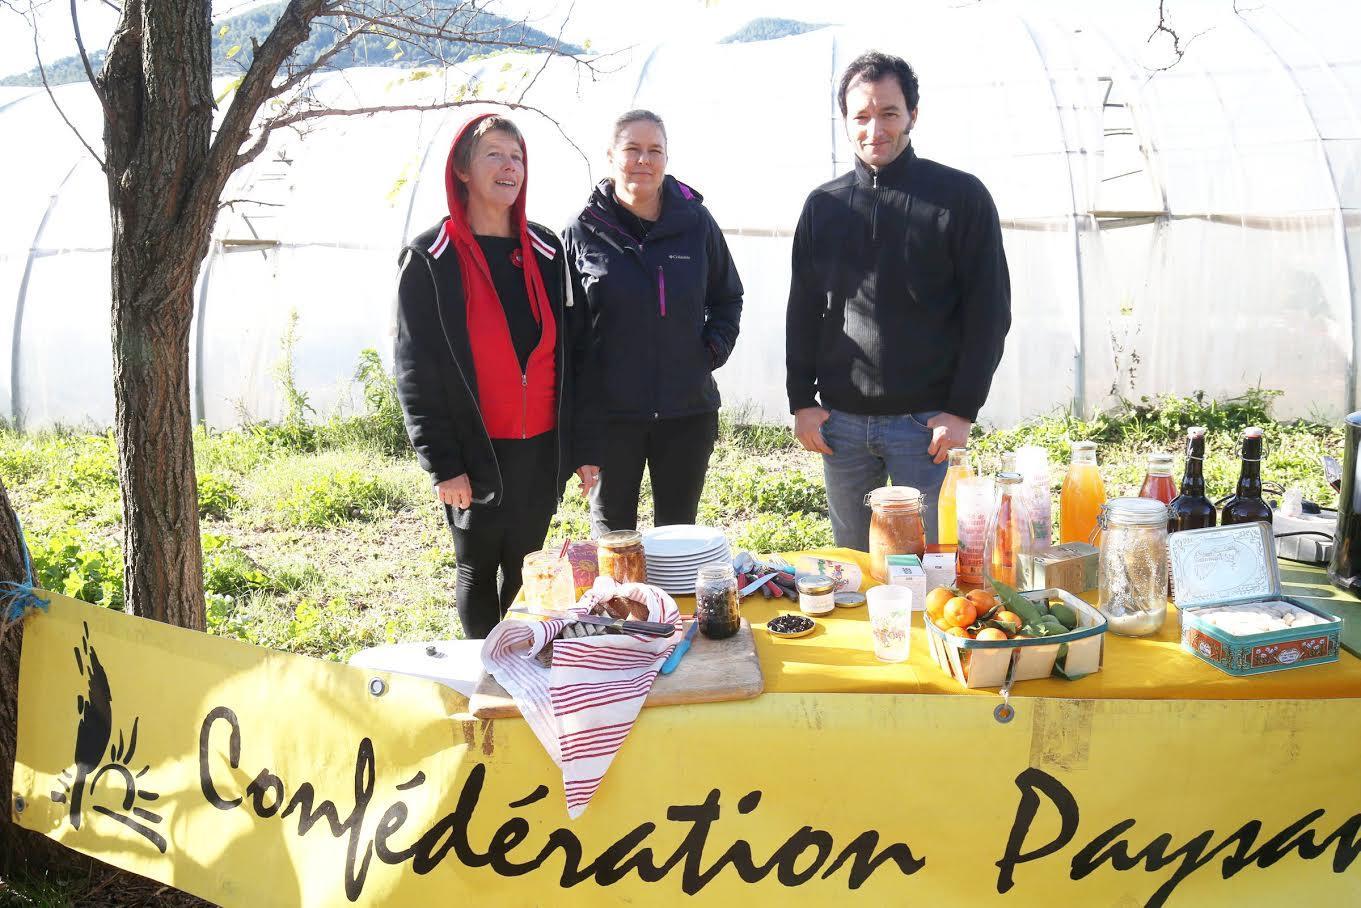 La semaine dernière, Sylvain Apostolo (à droite) a présenté l'une des priorités de la Confédération paysanne pour contrer la concurrence des pays européens dans la filière fruits et légumes : le prix minimum d'entrée sur le marché intérieur pour les produits étrangers